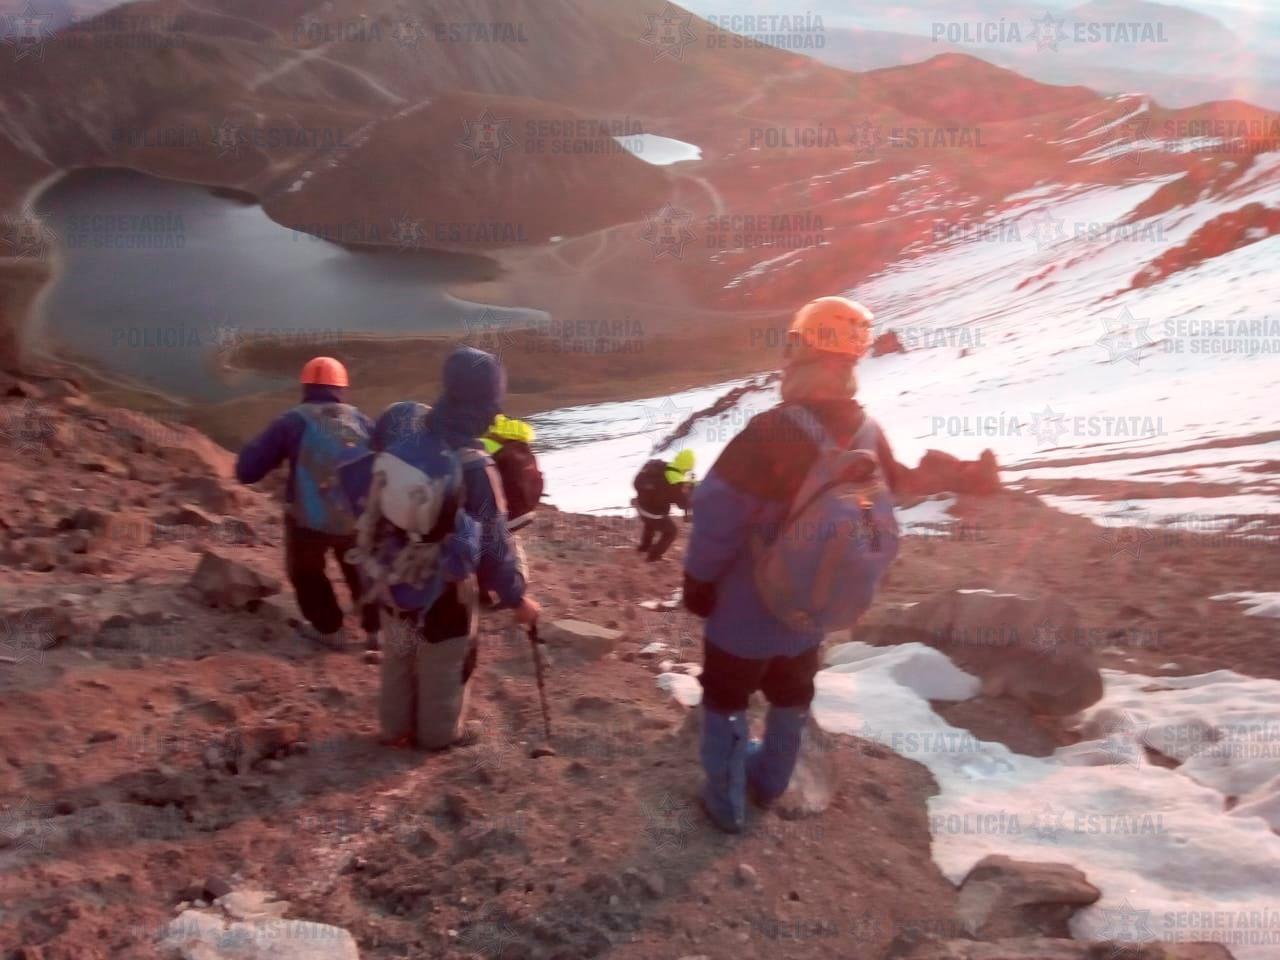 Policía de alta montaña rescatan a cuatro personas extraviadas en el nevado de Toluca